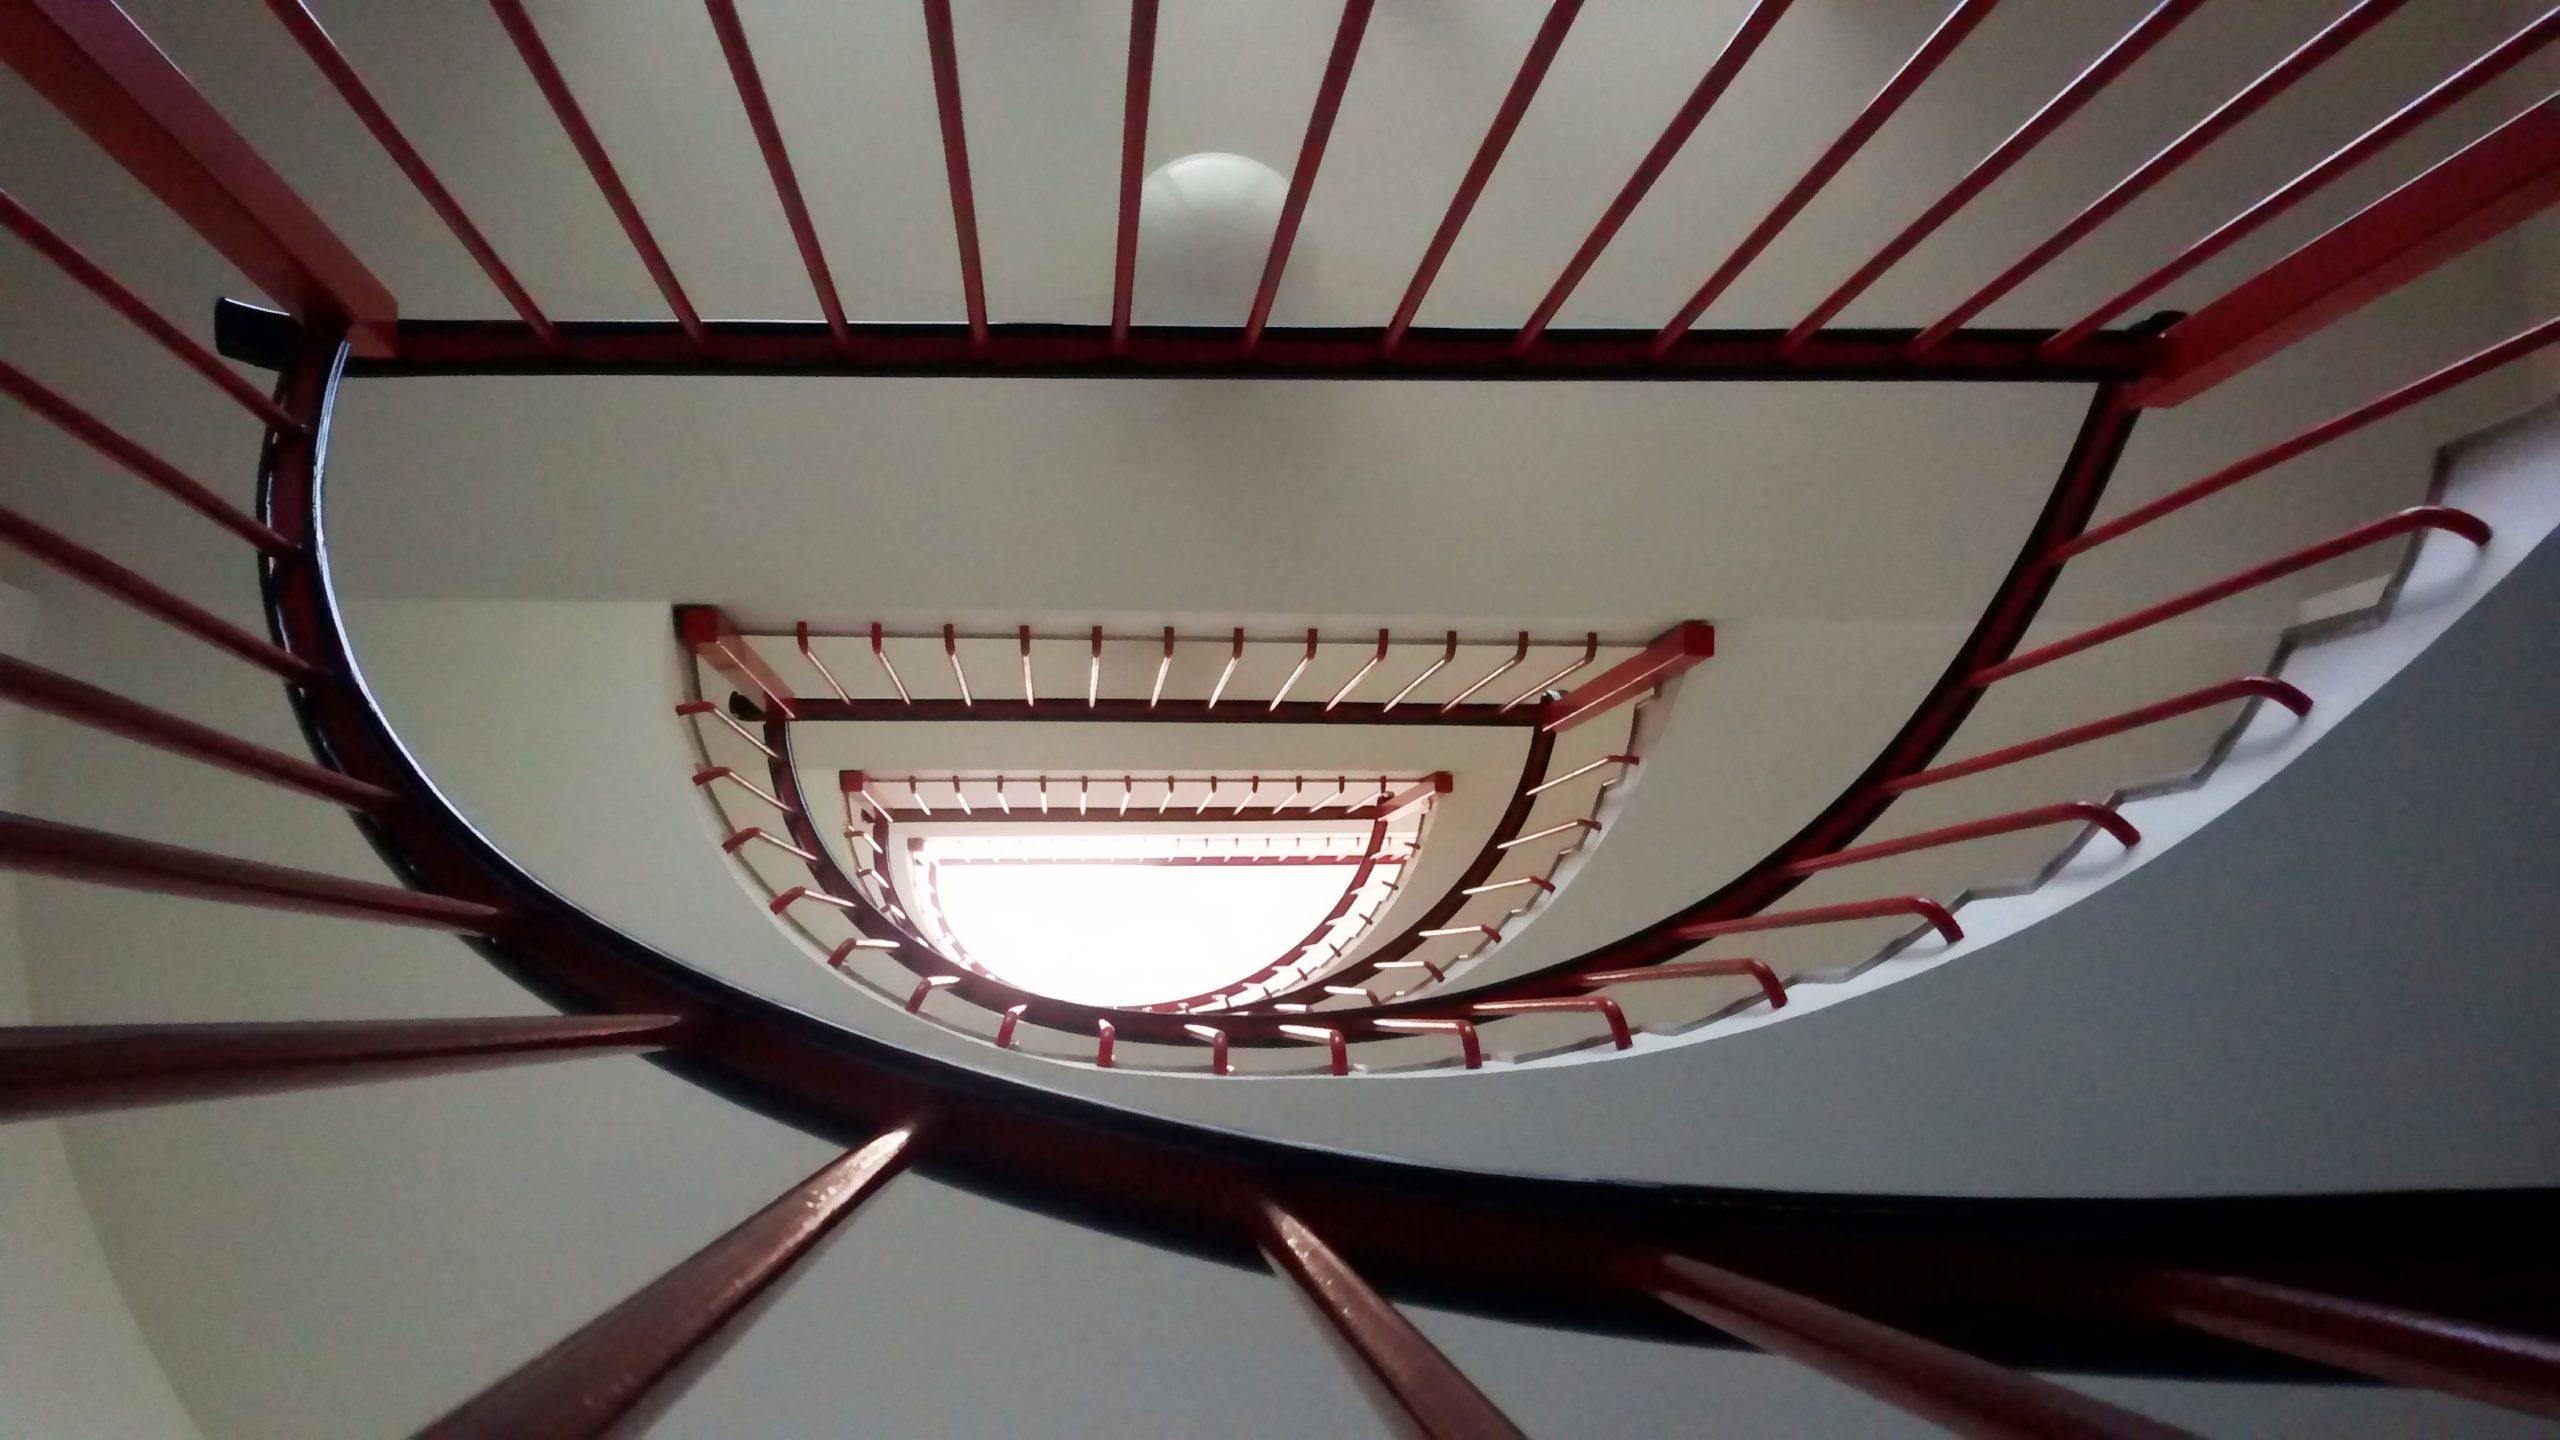 Visite guidate per architetti Carlo Scarpa